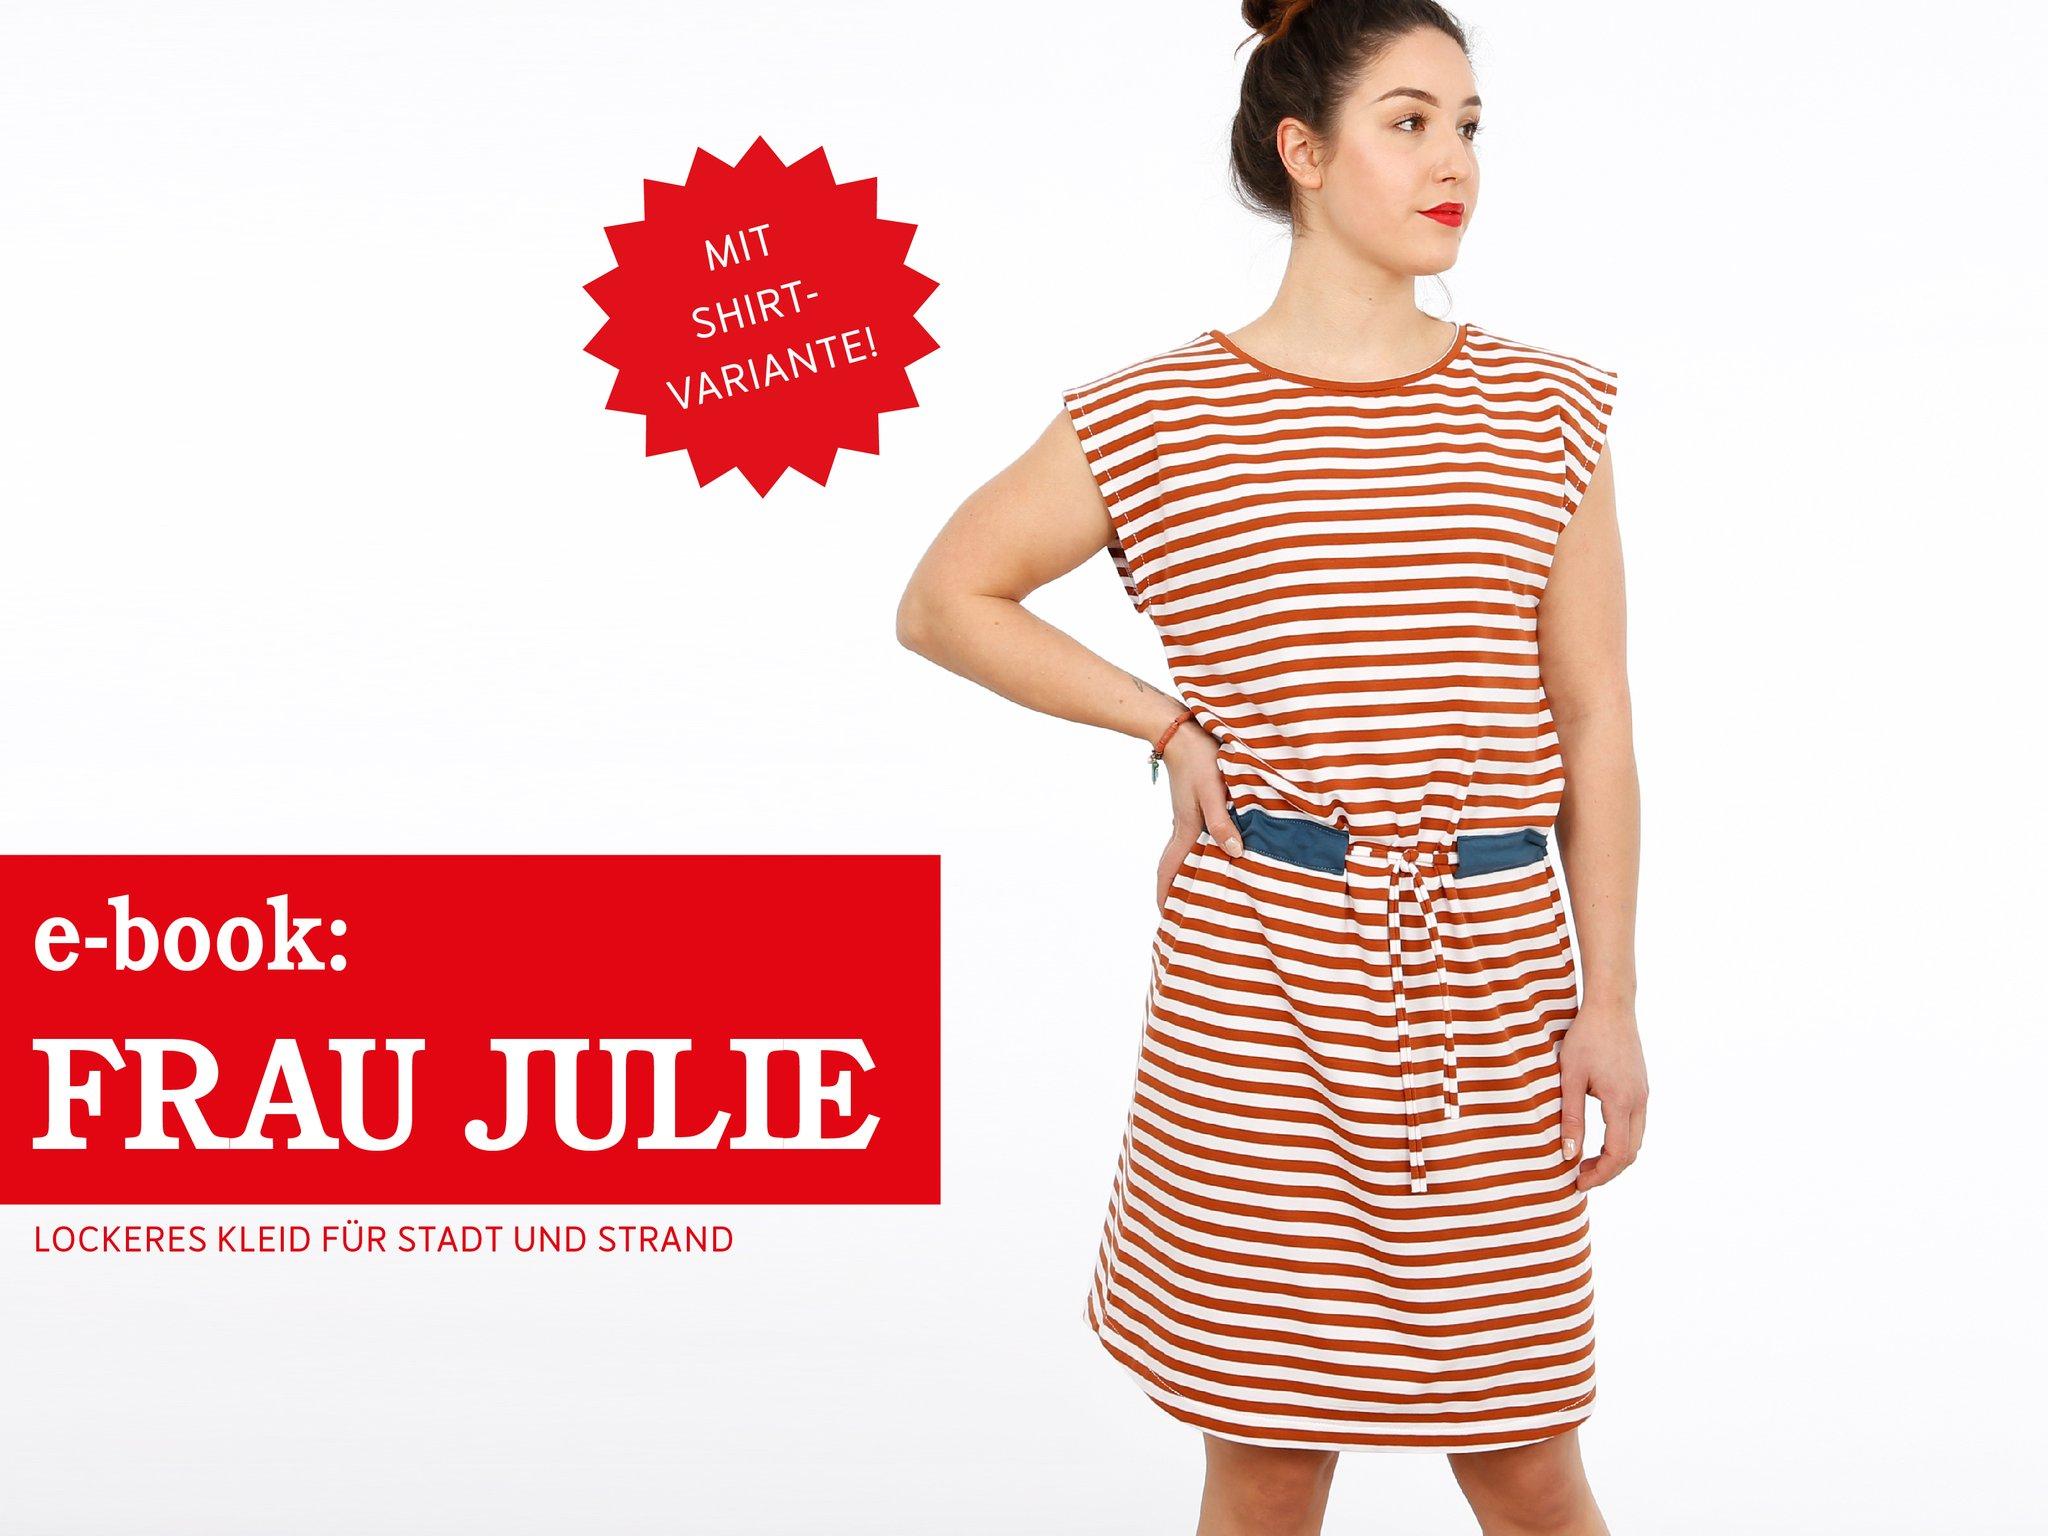 FRAU JULIE • Jerseykleid & Shirt, e-book